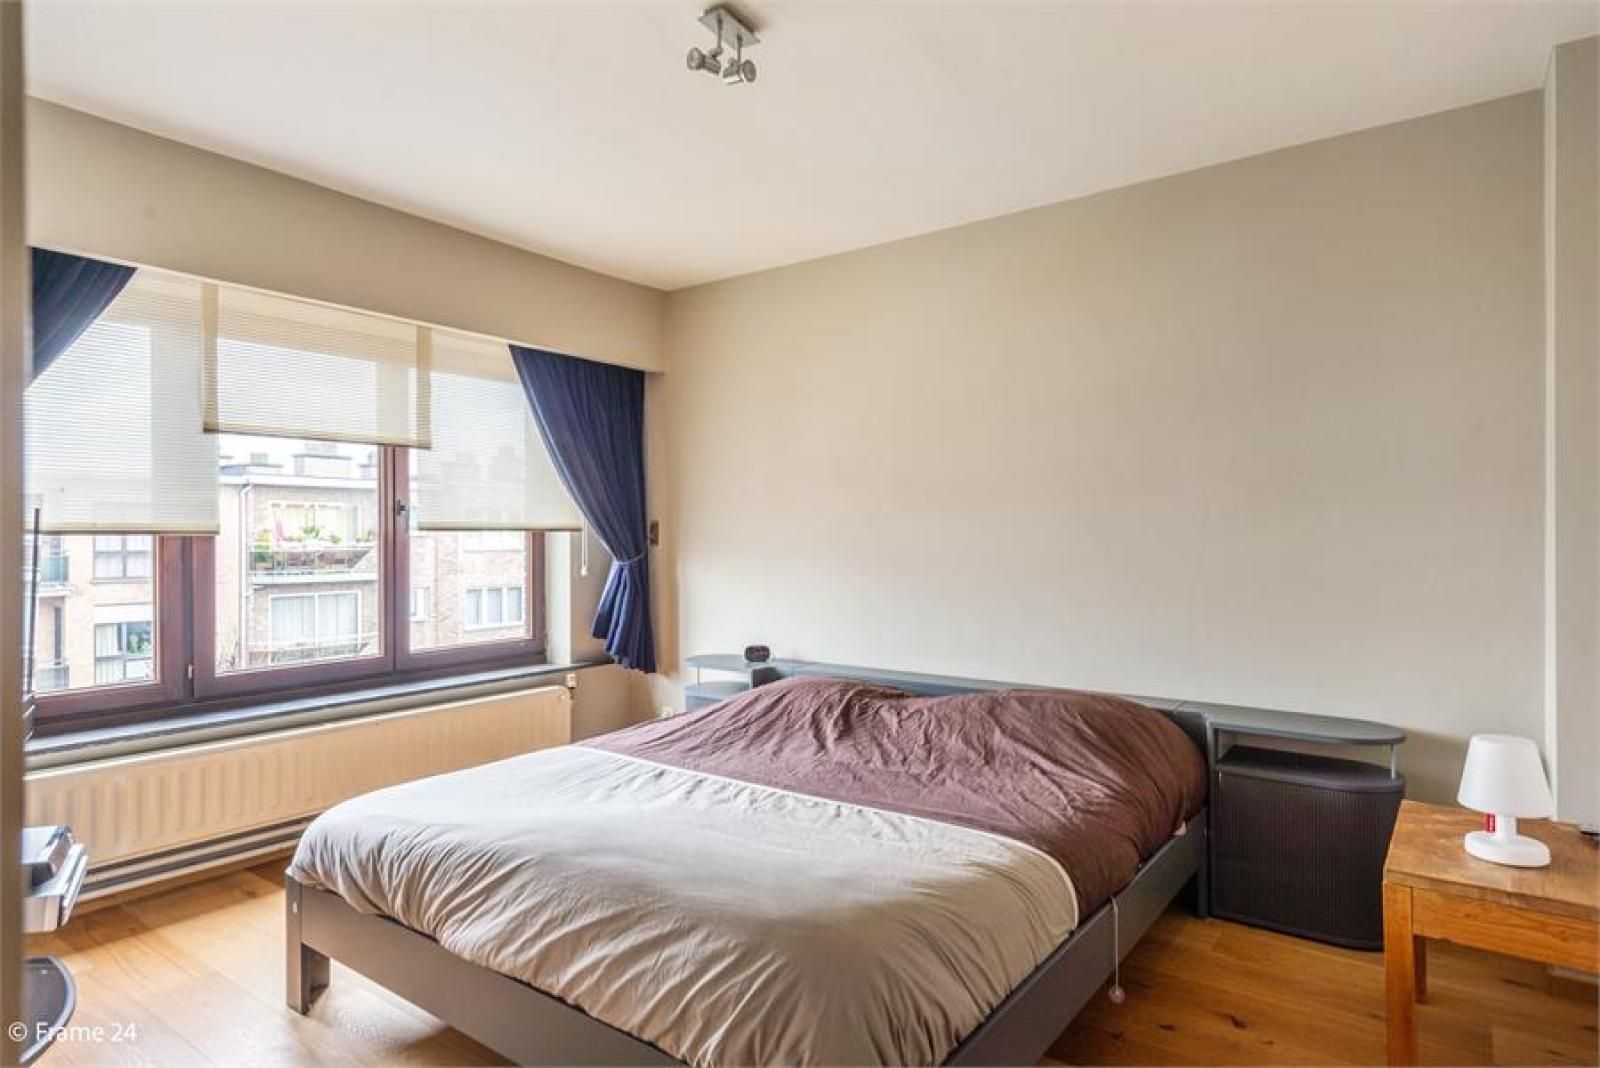 Verzorgde bel-étage met 3 slaapkamers, tuin en garage nabij centrum Wijnegem gelegen. afbeelding 15